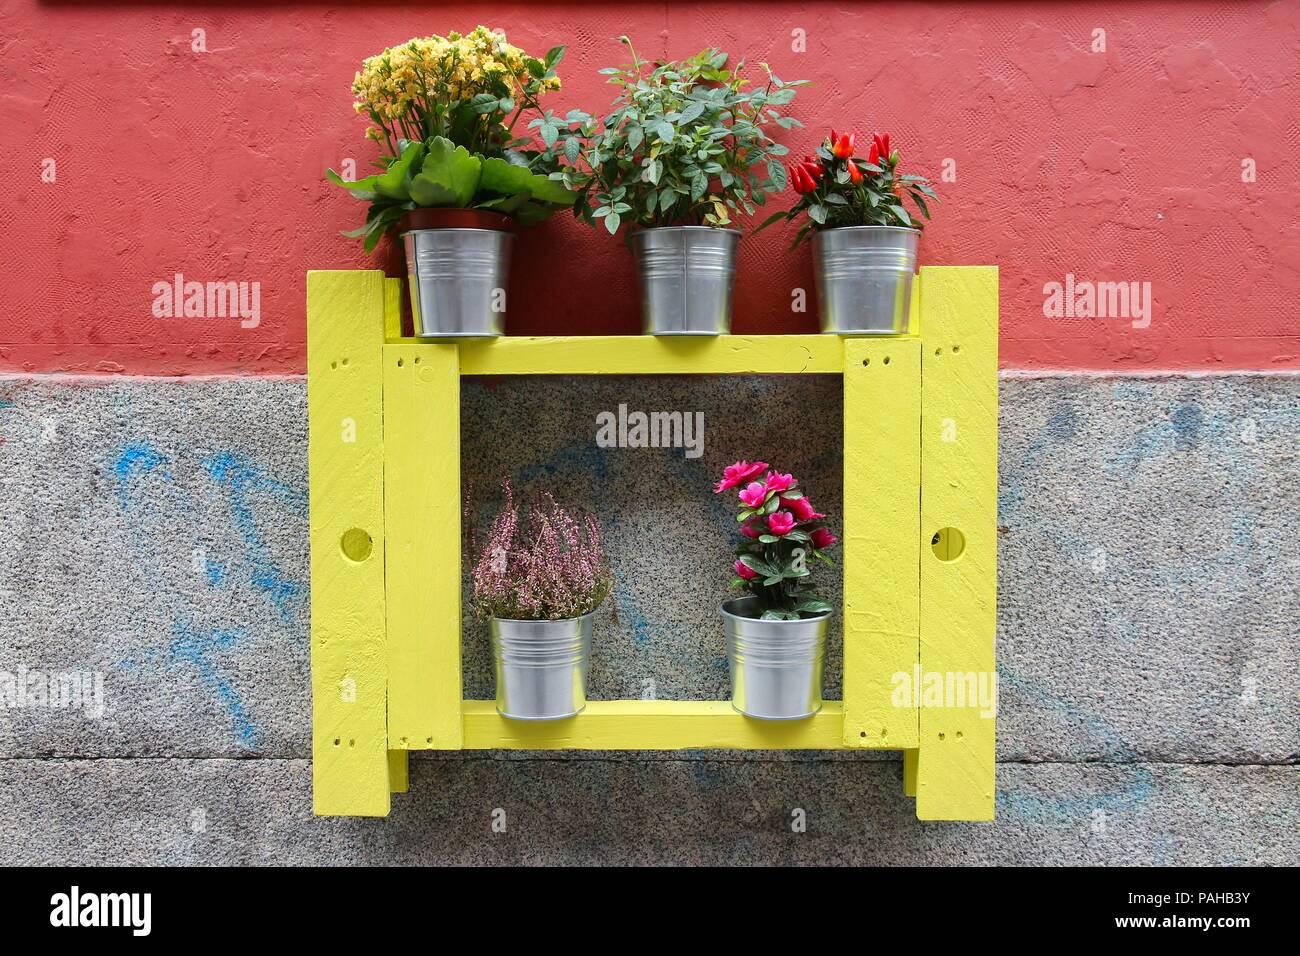 192 & Madrid Spain - Mediterranean wall ornament. Decorative tin ...